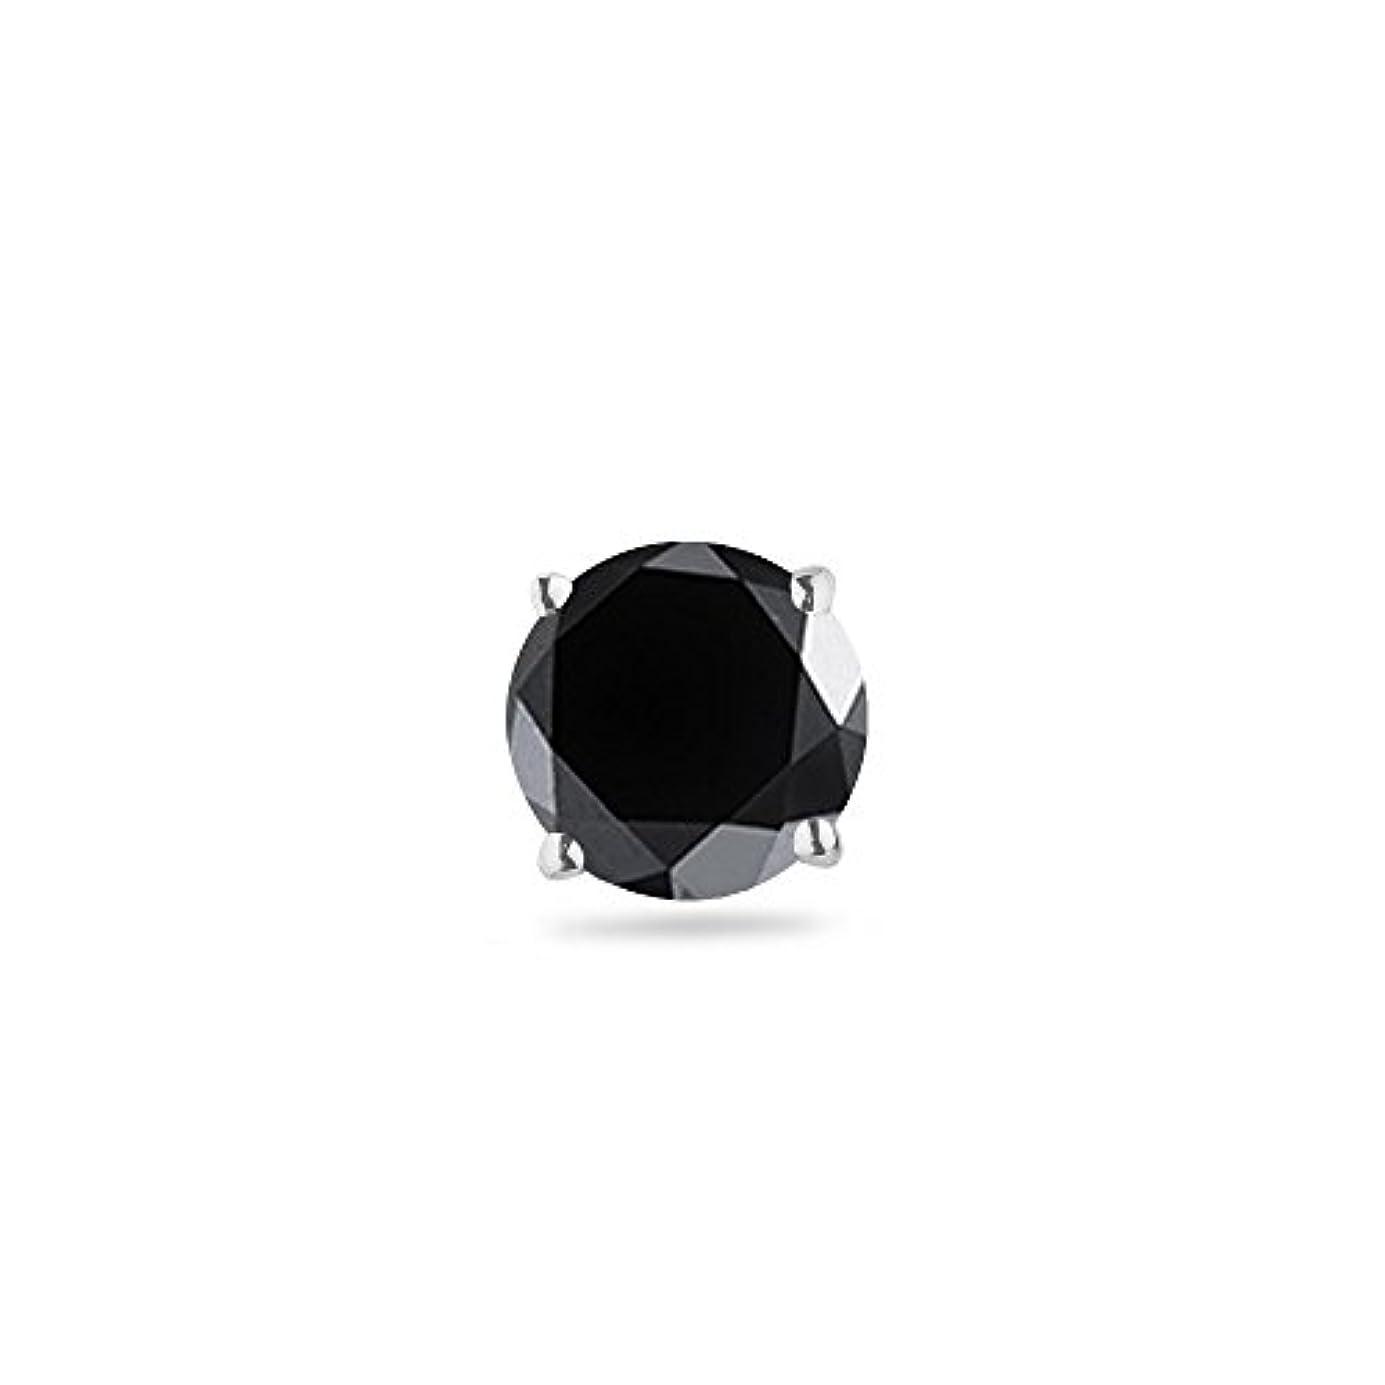 確立します著作権パールHoliday Deal – 1 1 / 4 ( 0.21 – 0.27 ) CTSの5.76 – 7.30 MM AAAラウンドブラックダイヤモンドメンズスタッドイヤリングで14 Kホワイトゴールド{ダイヤモンド鑑定Included }